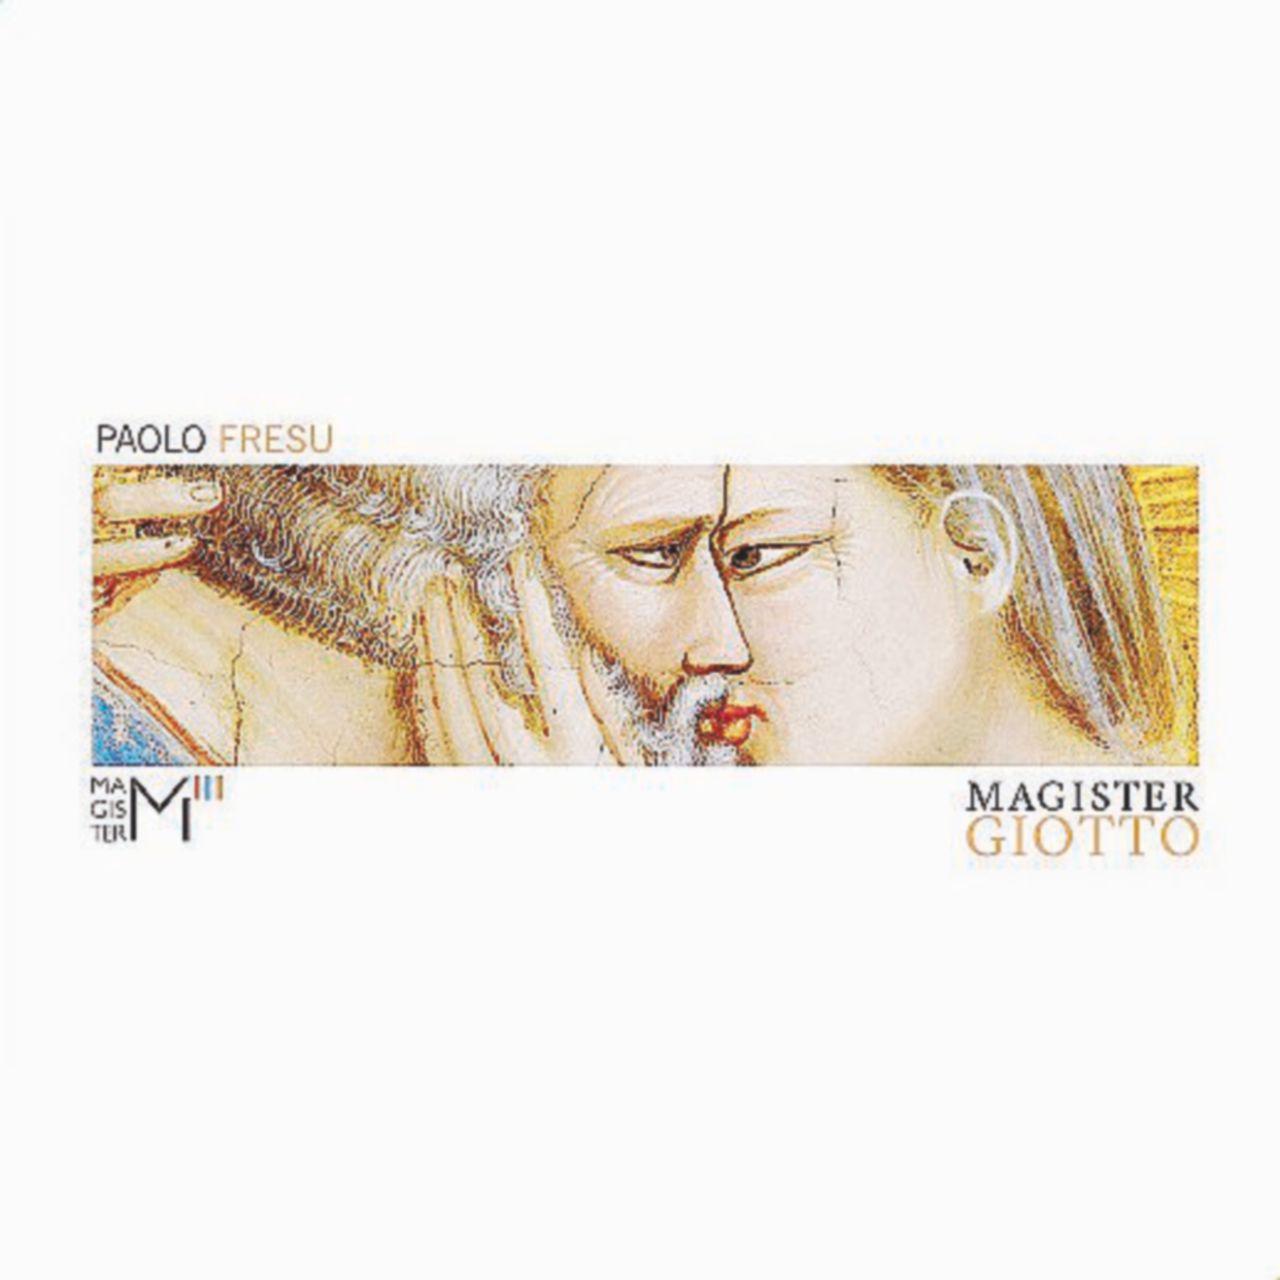 Da ocra a pervinca: Fresu dà suono ai colori di Giotto